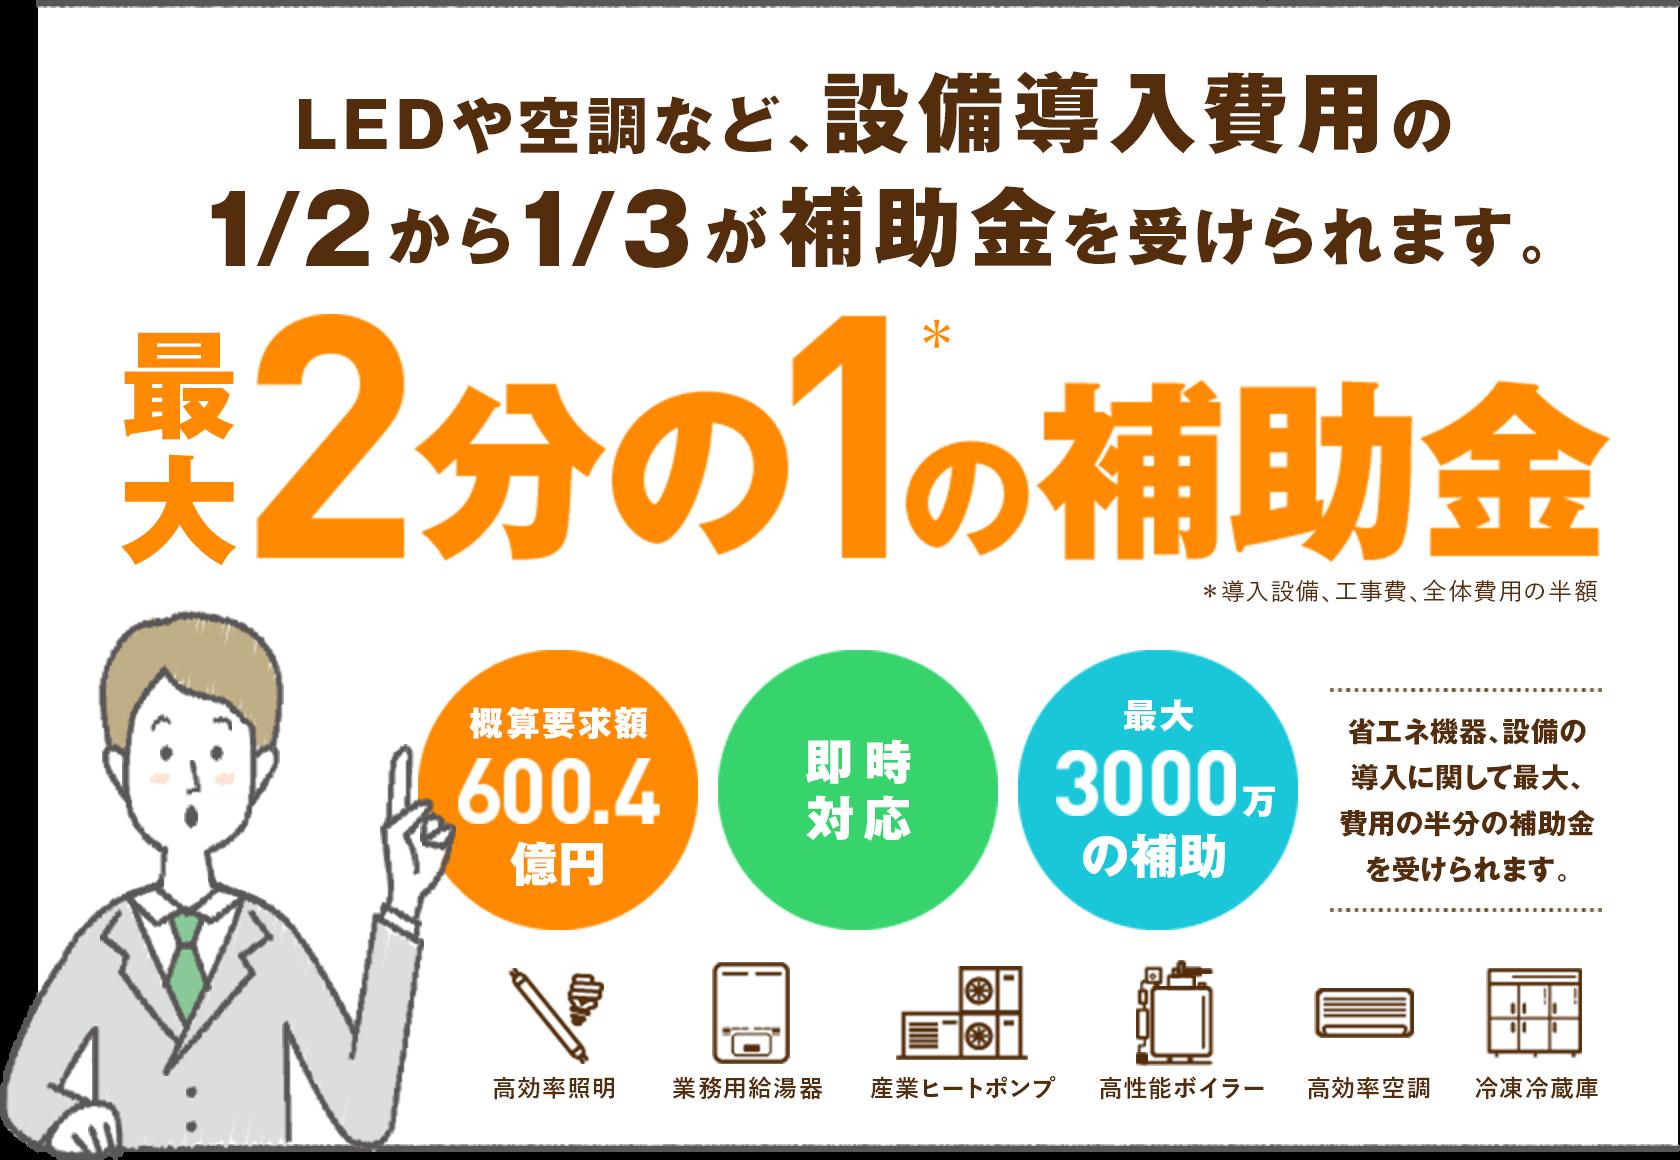 空調や照明などの設備投資・設備更新に最大3,000万円の補助金が出る、経産省「省エネ補助金」をご存知ですか?